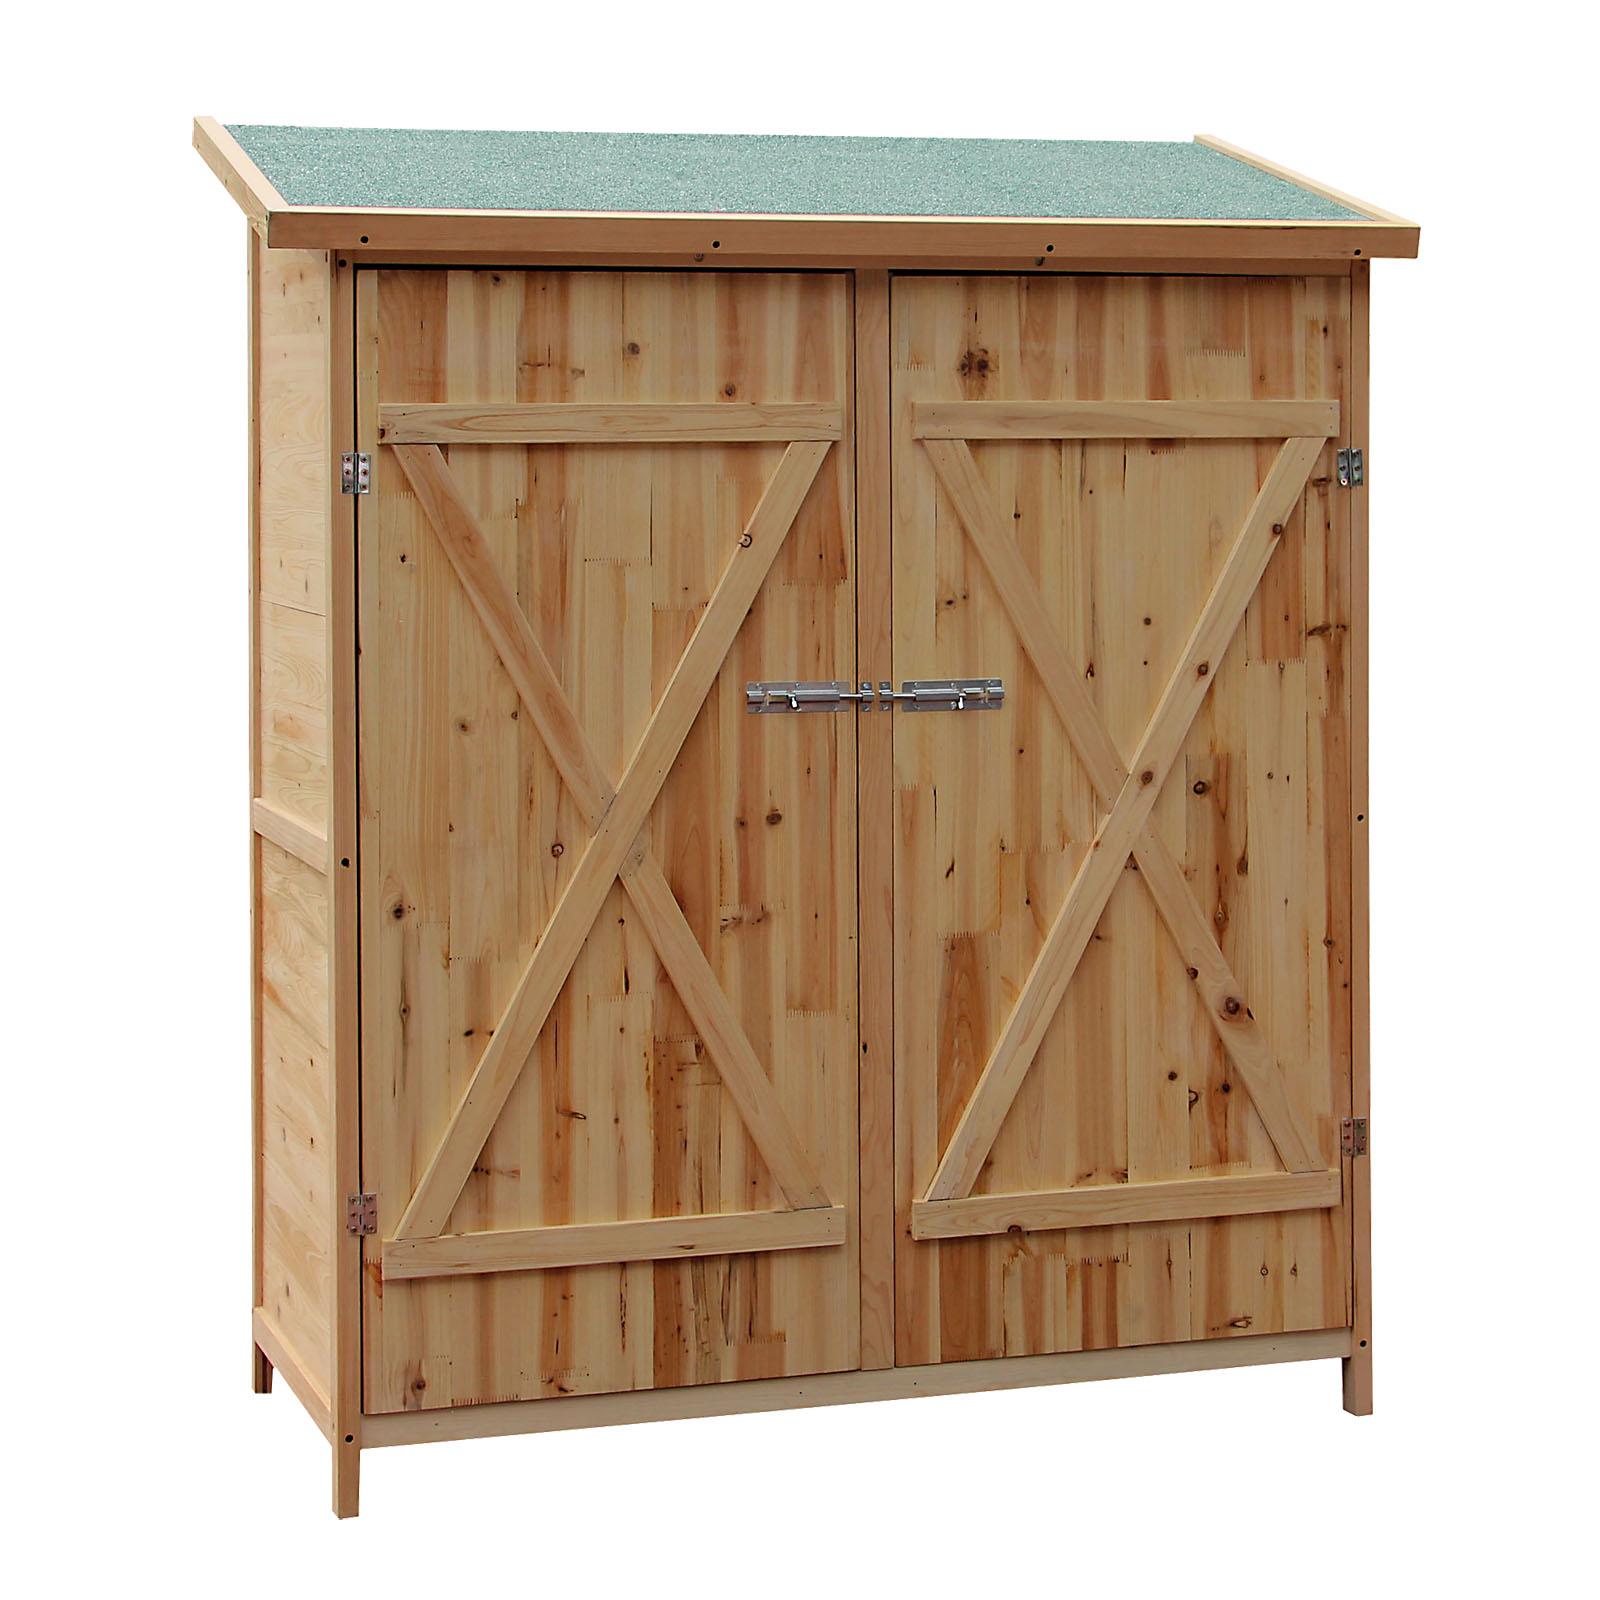 Cabane À Outils Bois détails sur abri de jardin bois xxl remise cabane pour outils armoire  stockage rangement